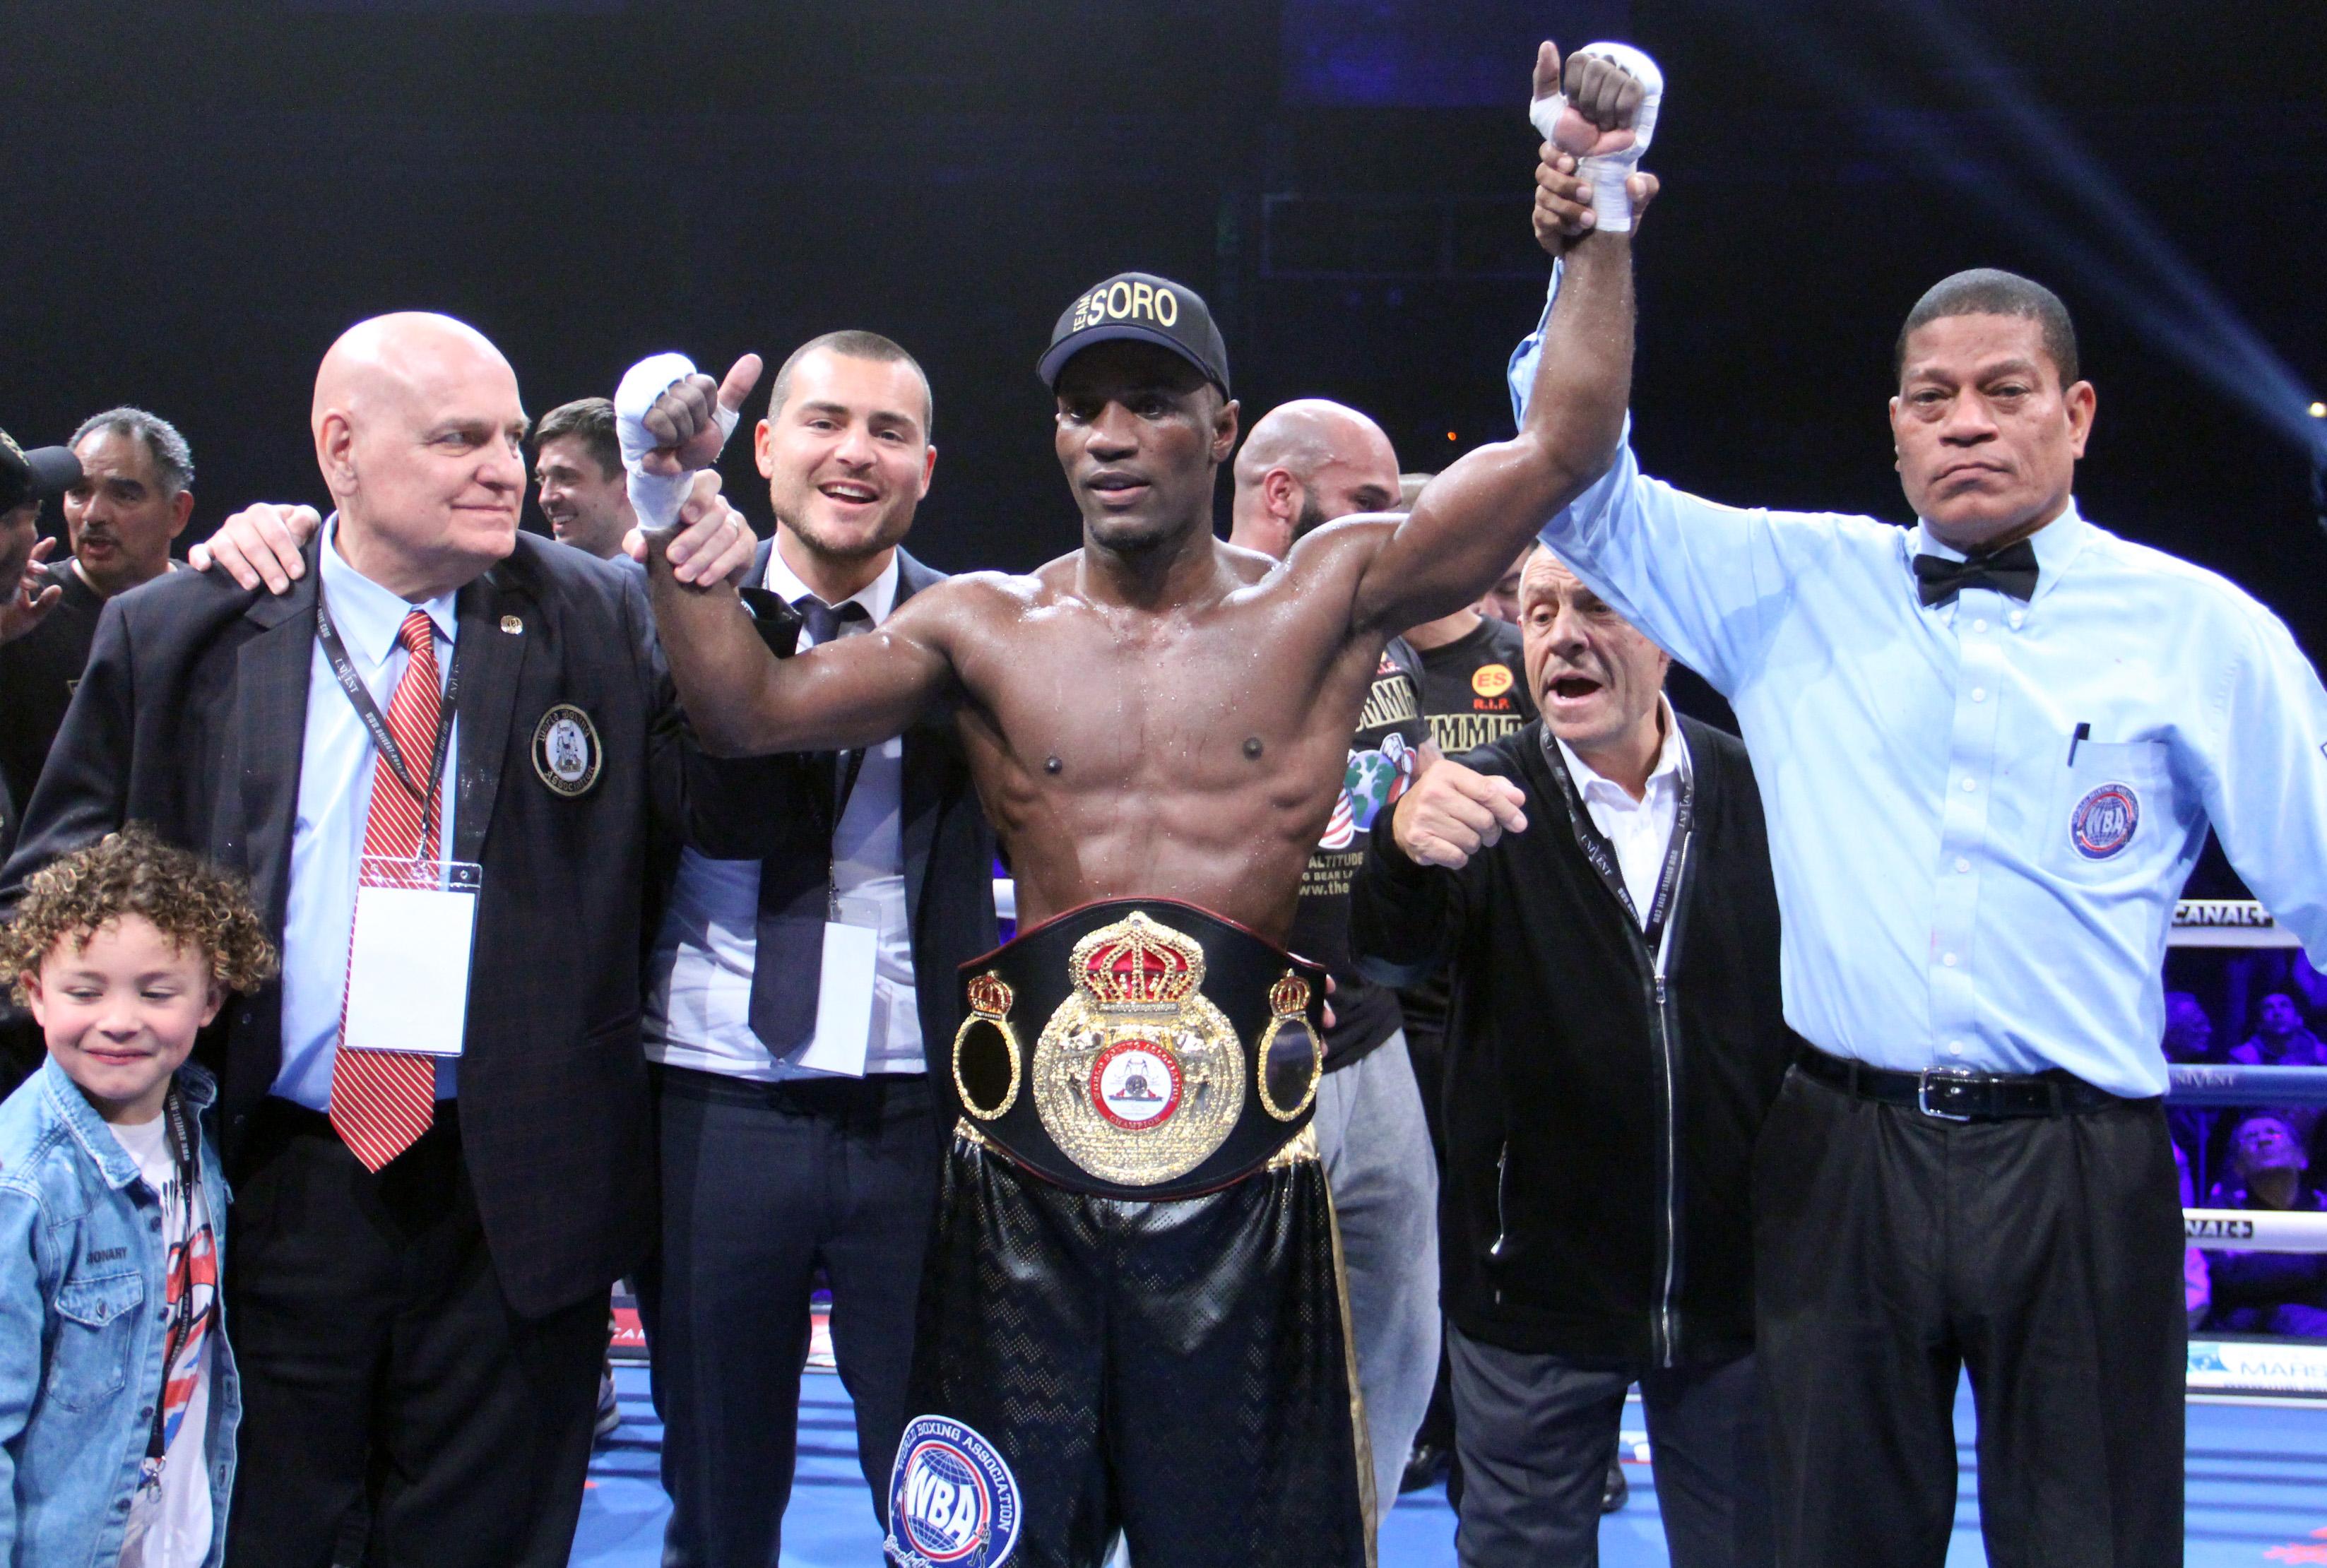 Soro dominated Vera in WBA Elimination Fight